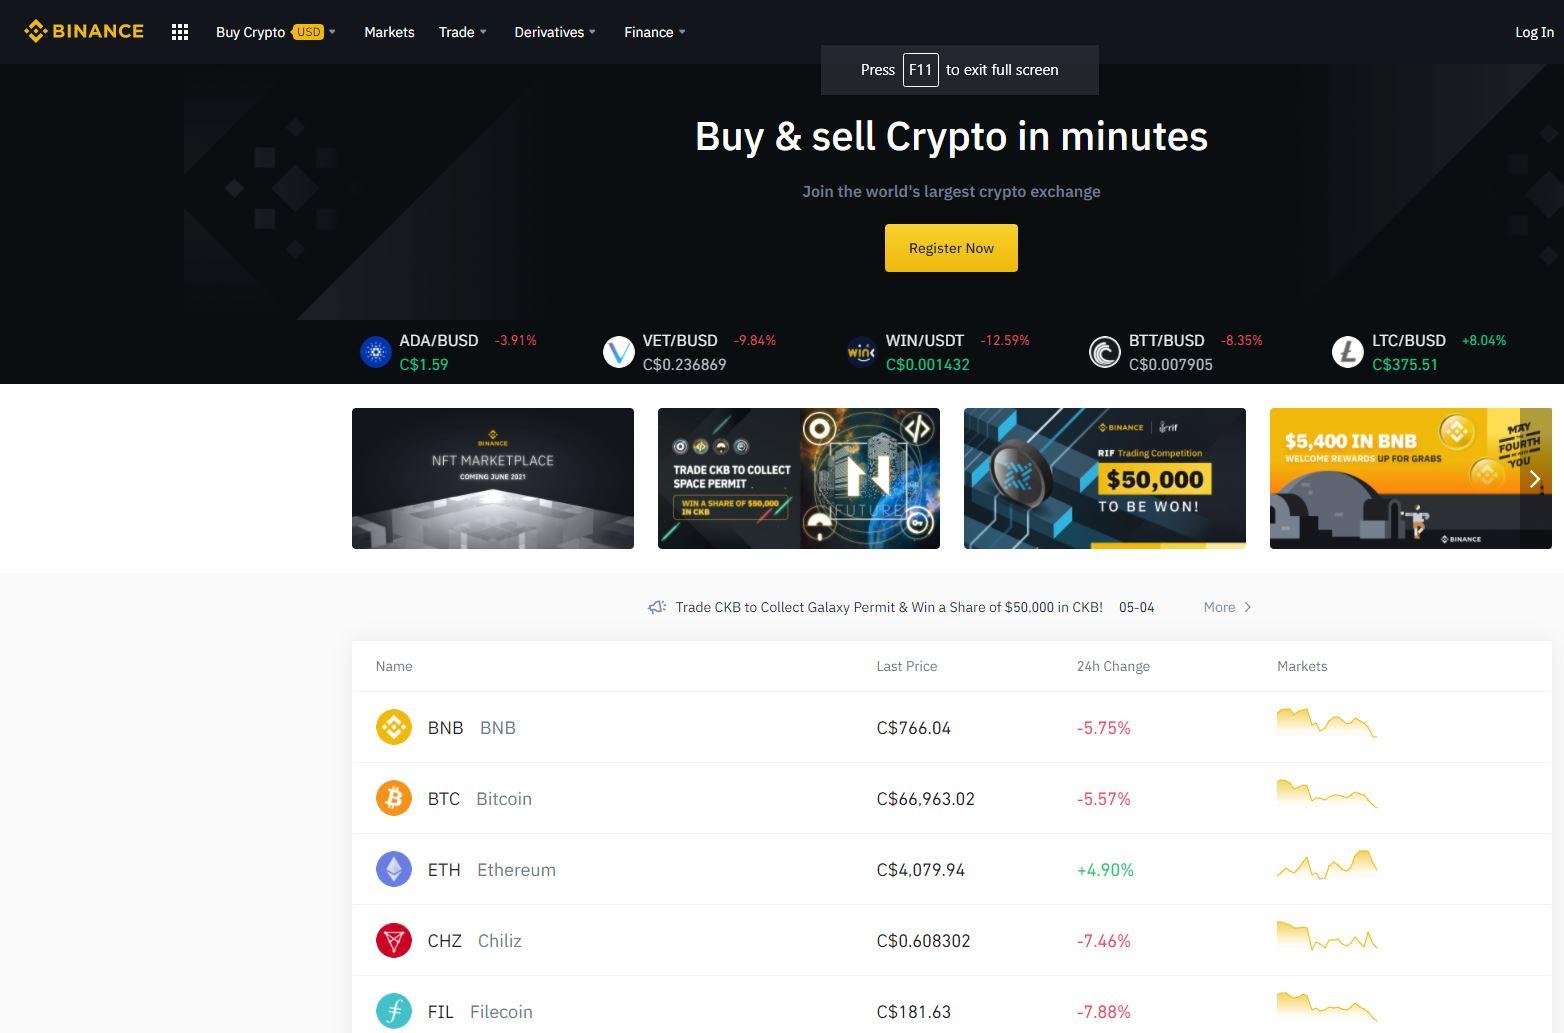 Binance crypto dashboard